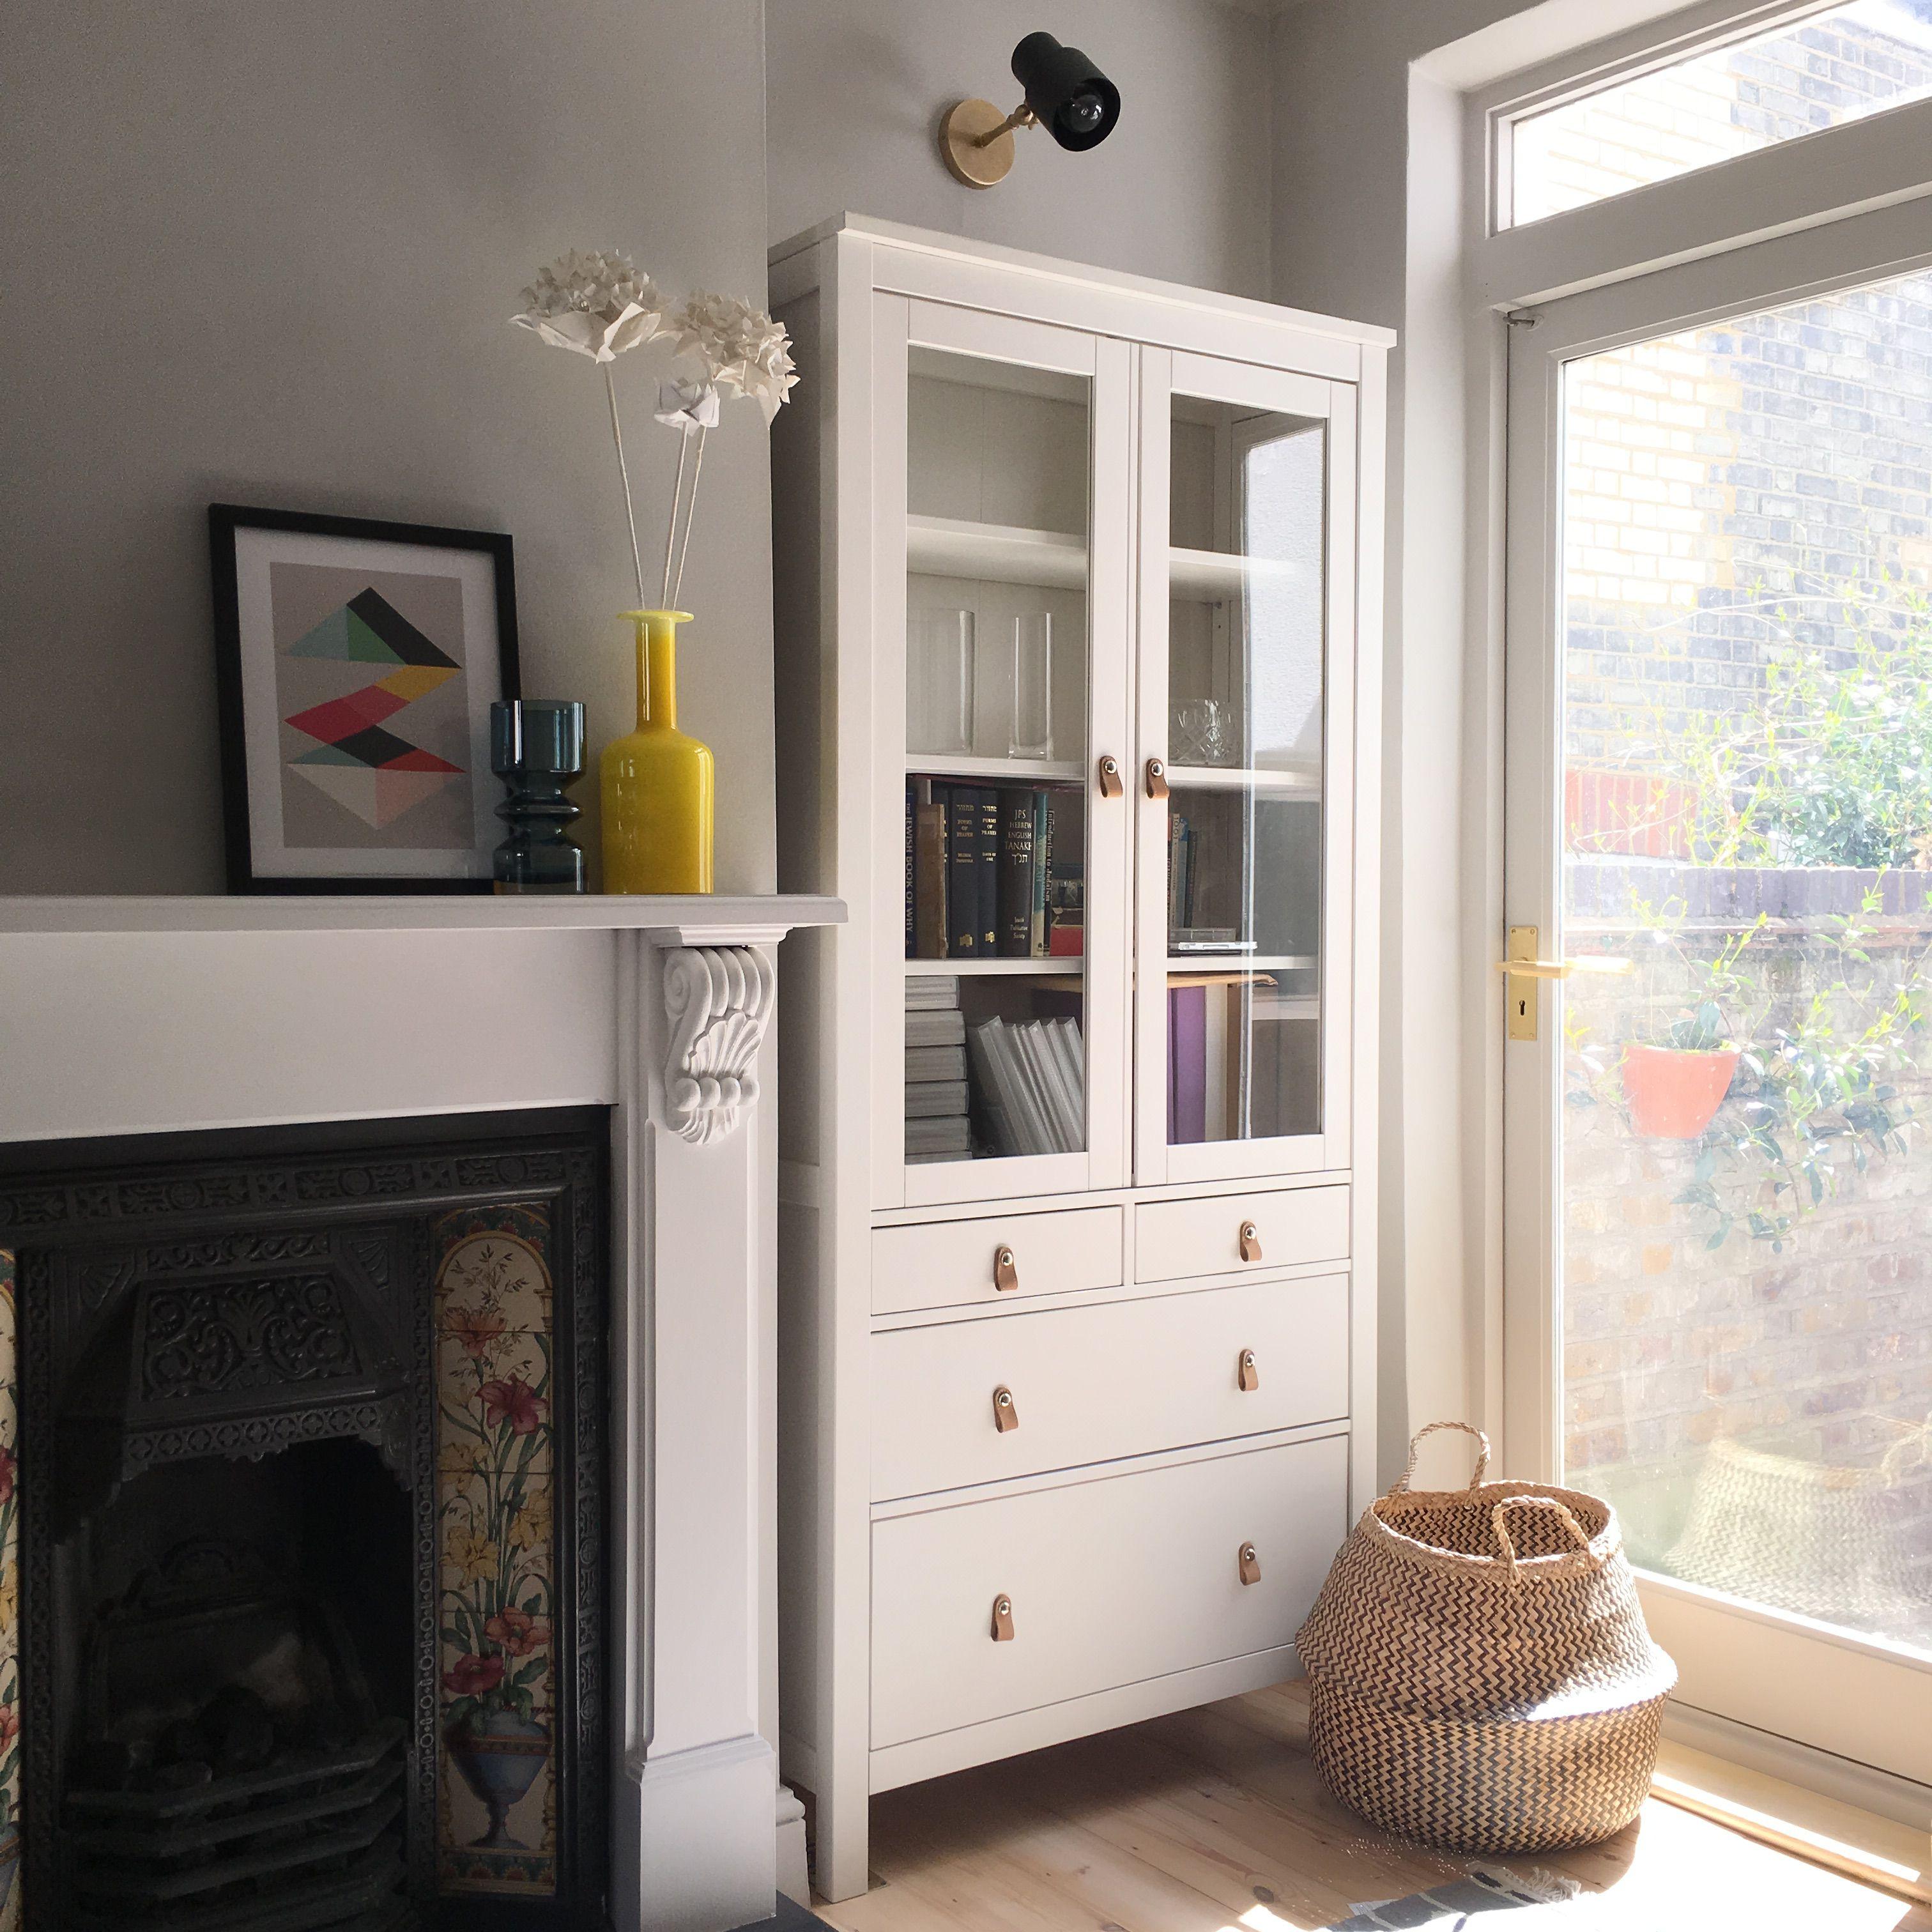 Ikea Hemnes Cabinet With Zara Home Handles In Victorian